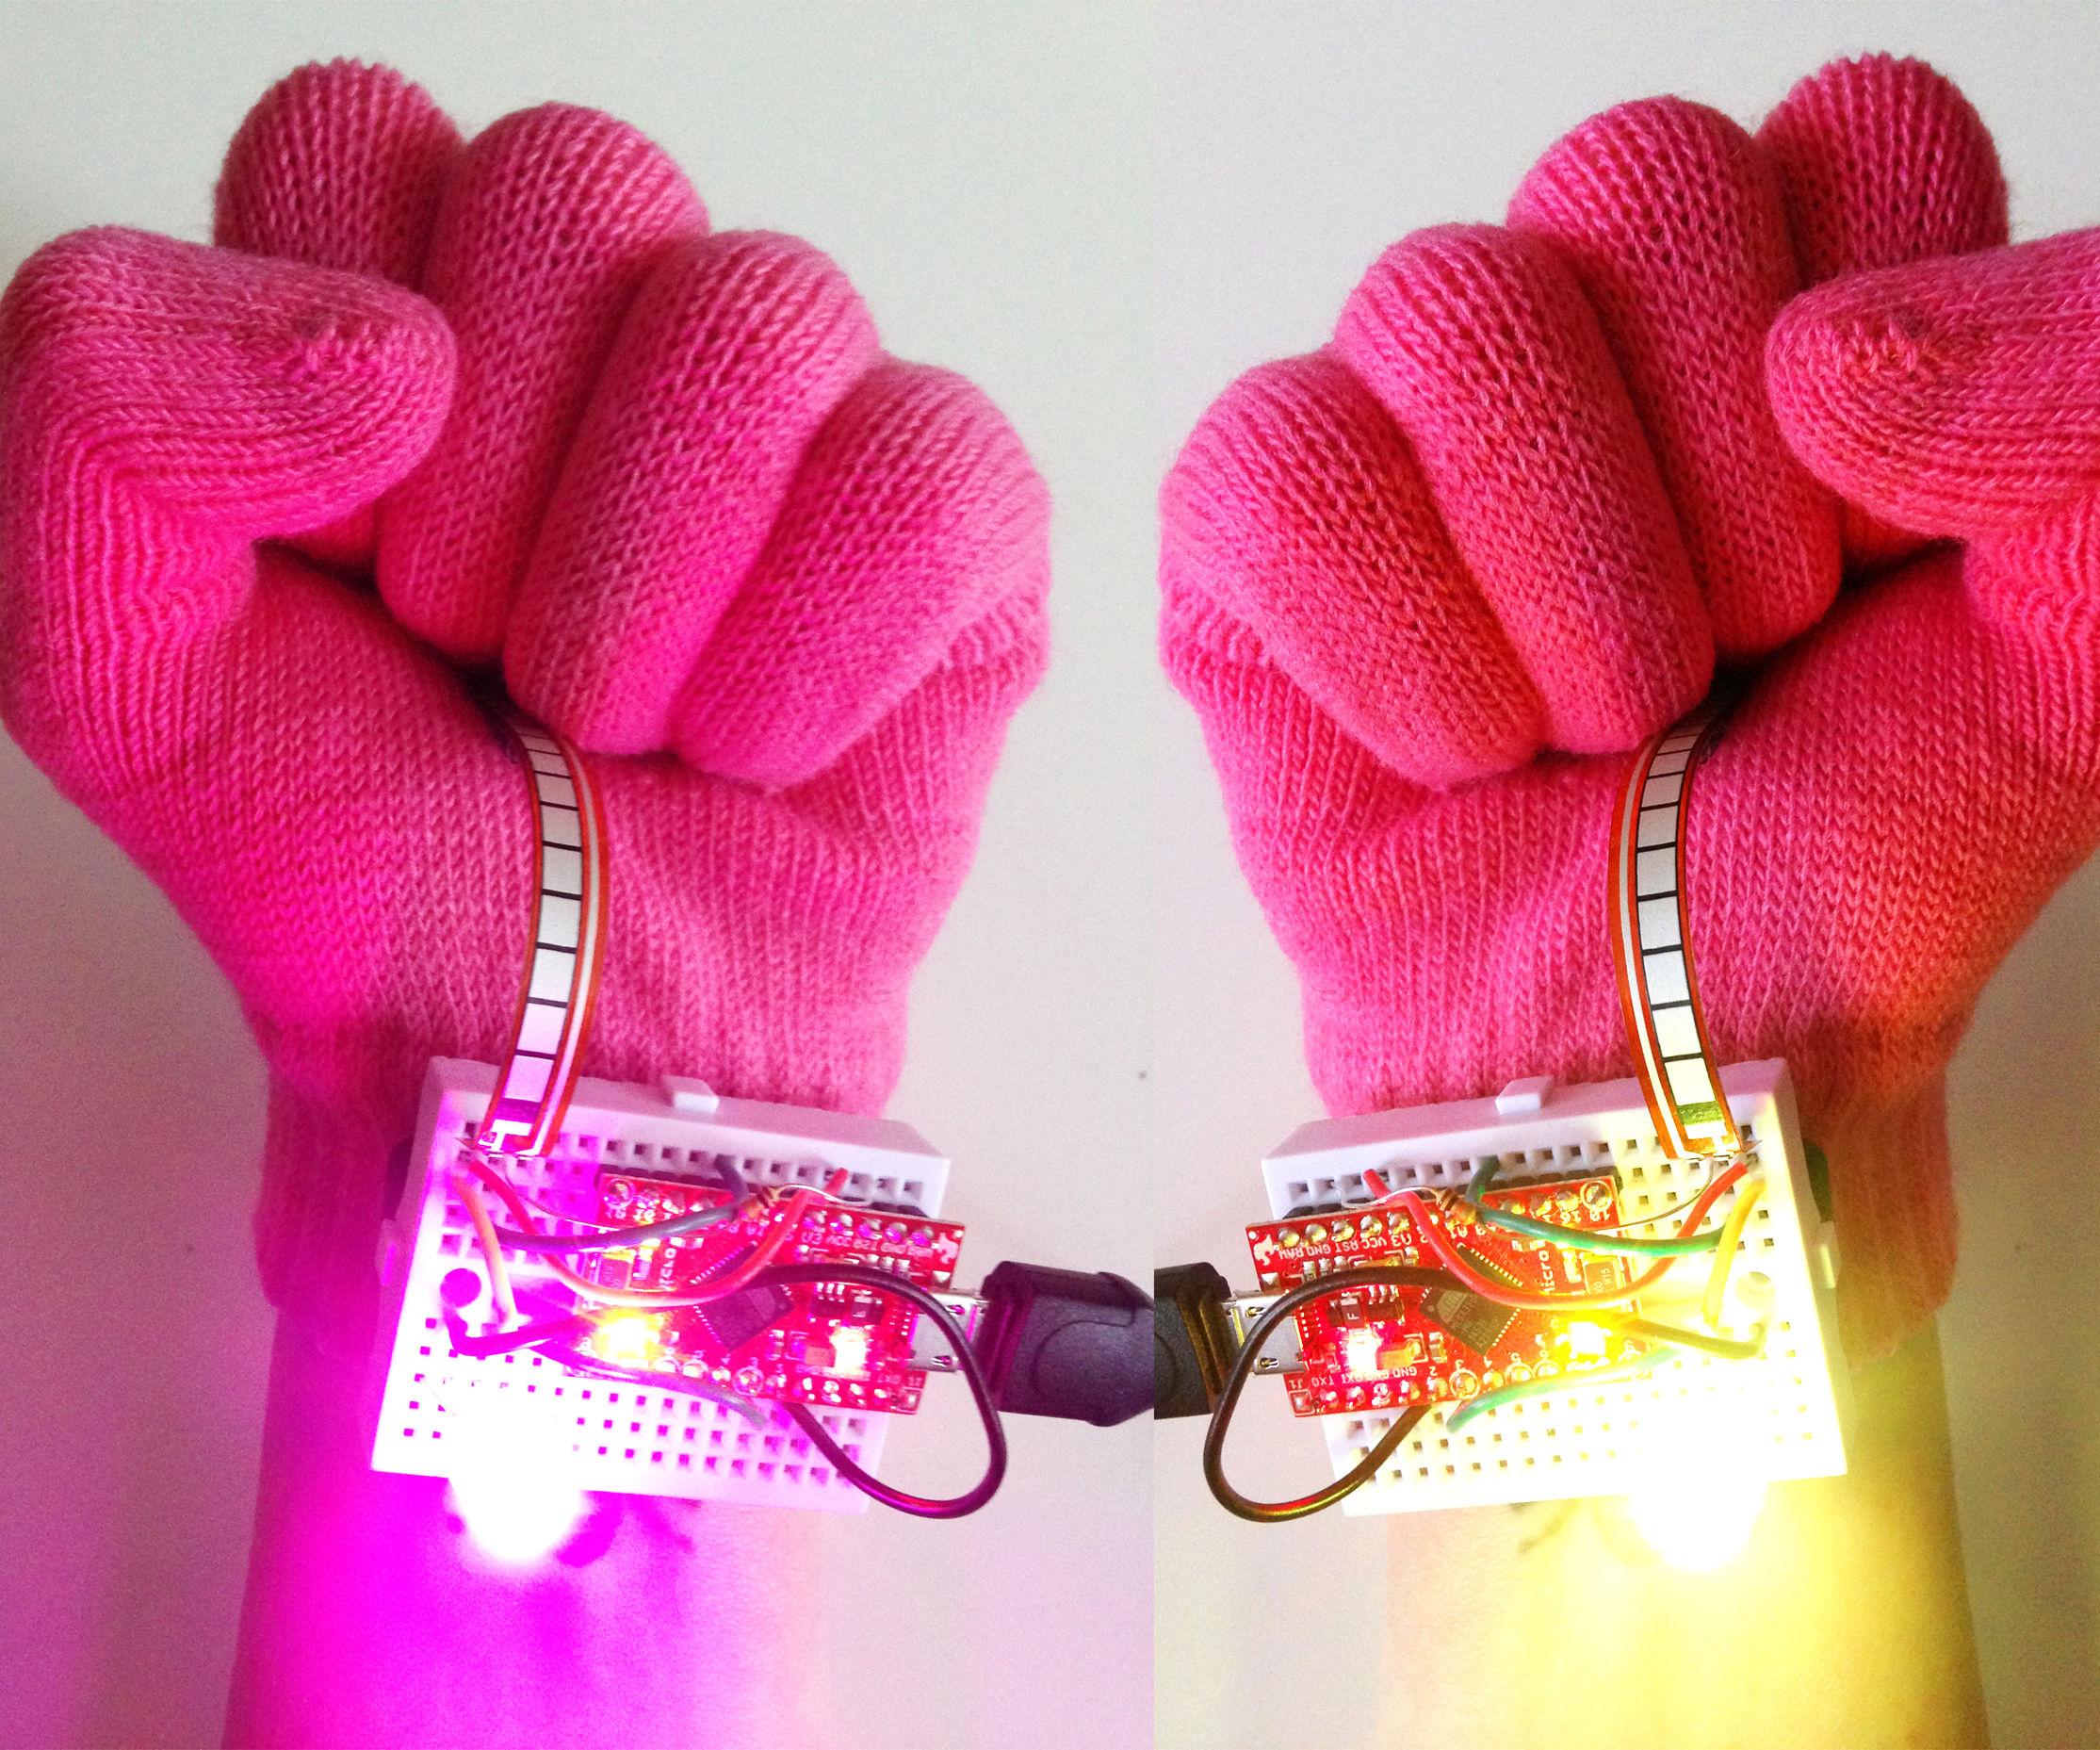 Haptika Empower Glove